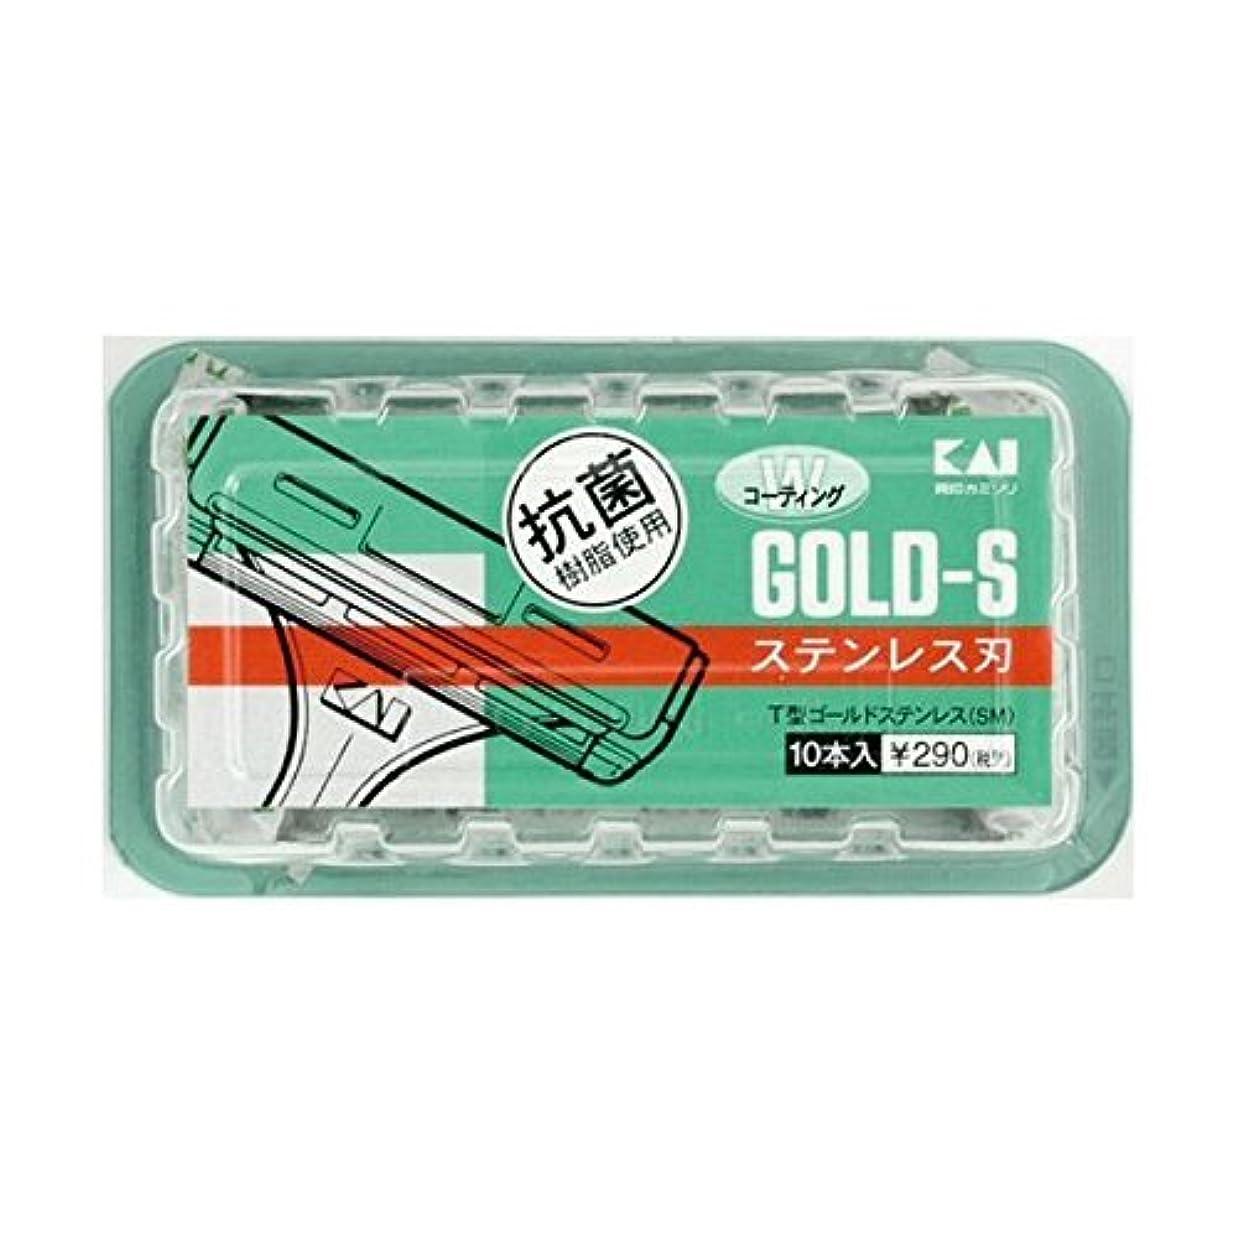 貨物切るによって貝印 (業務用20セット) T型ゴールドステンレスSM10本